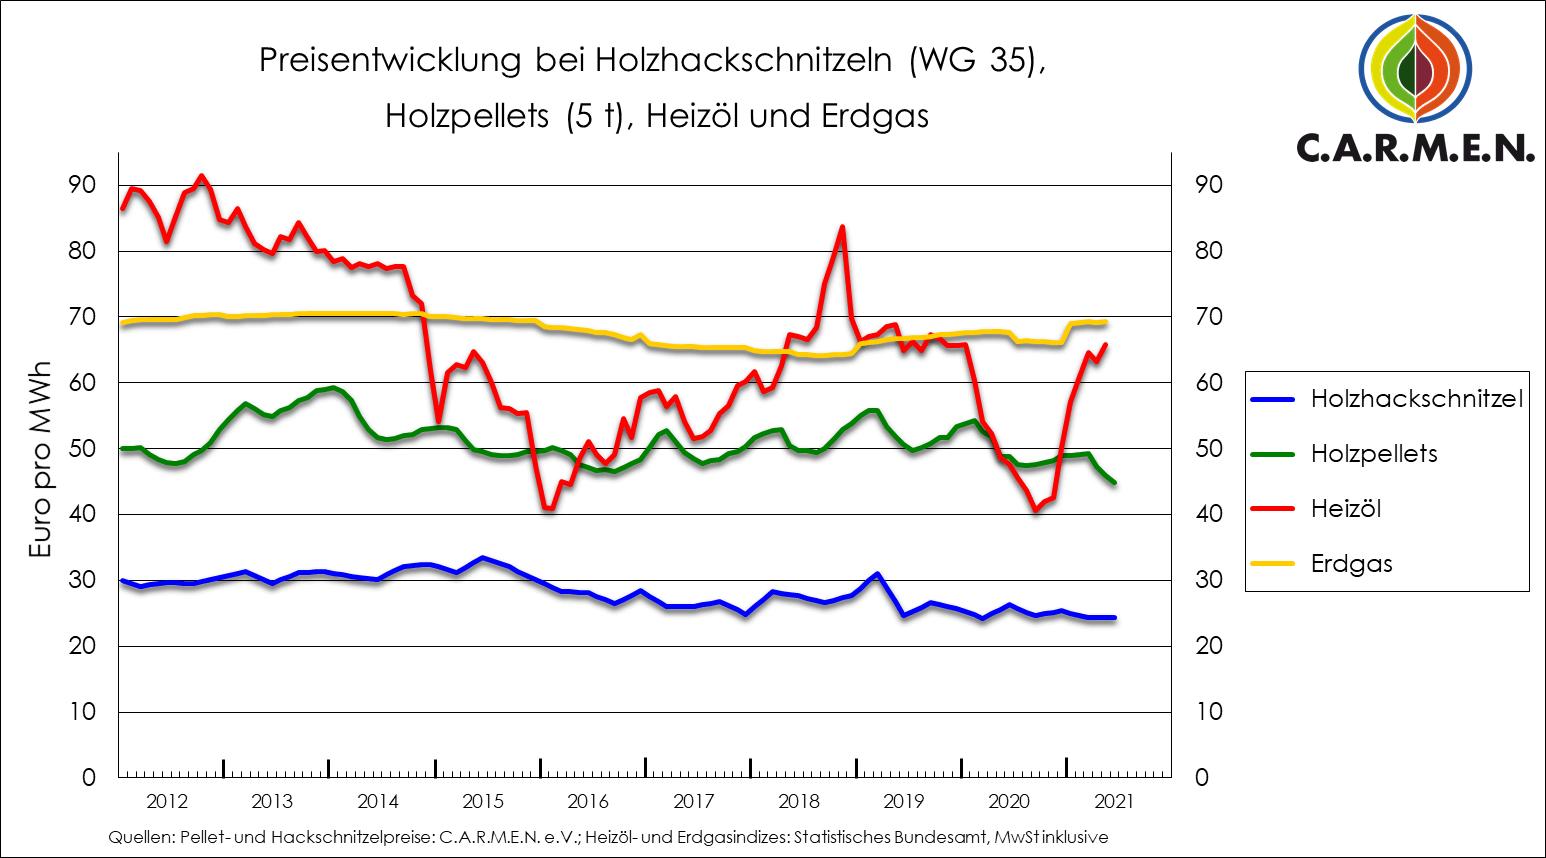 Gaspreisentwicklung im Diagramm aktuell